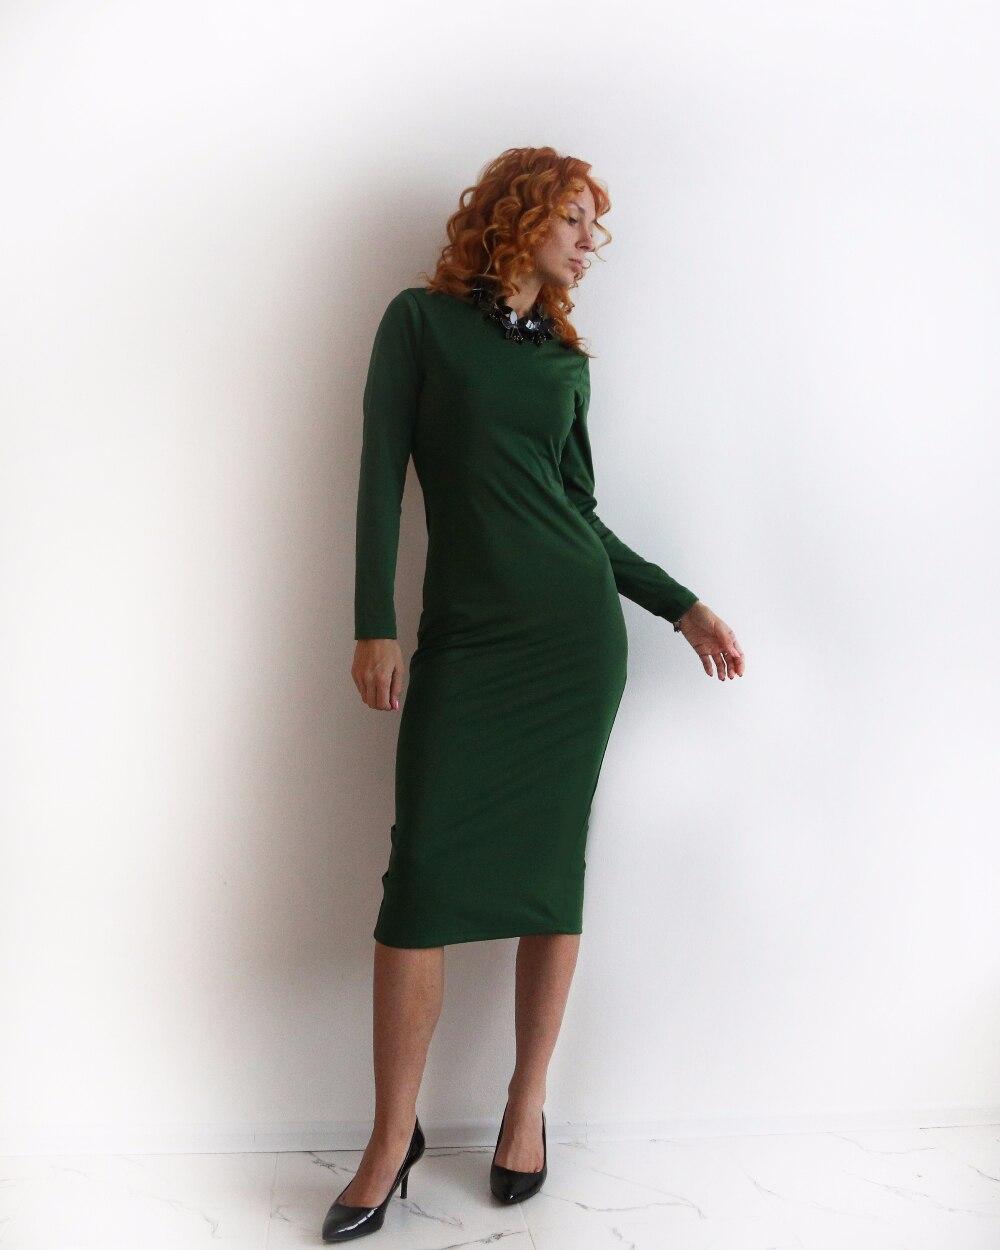 ЗЕЛЕНОЕ ПЛАТЬЕ с МОЛНИЕЙ - одна из ЛУЧШИХ покупок 2016 года! (обзор) как же я люблю благородный зеленый!!! Для рыженьких девушек, думаю, этот цвет в гардеробе - must have